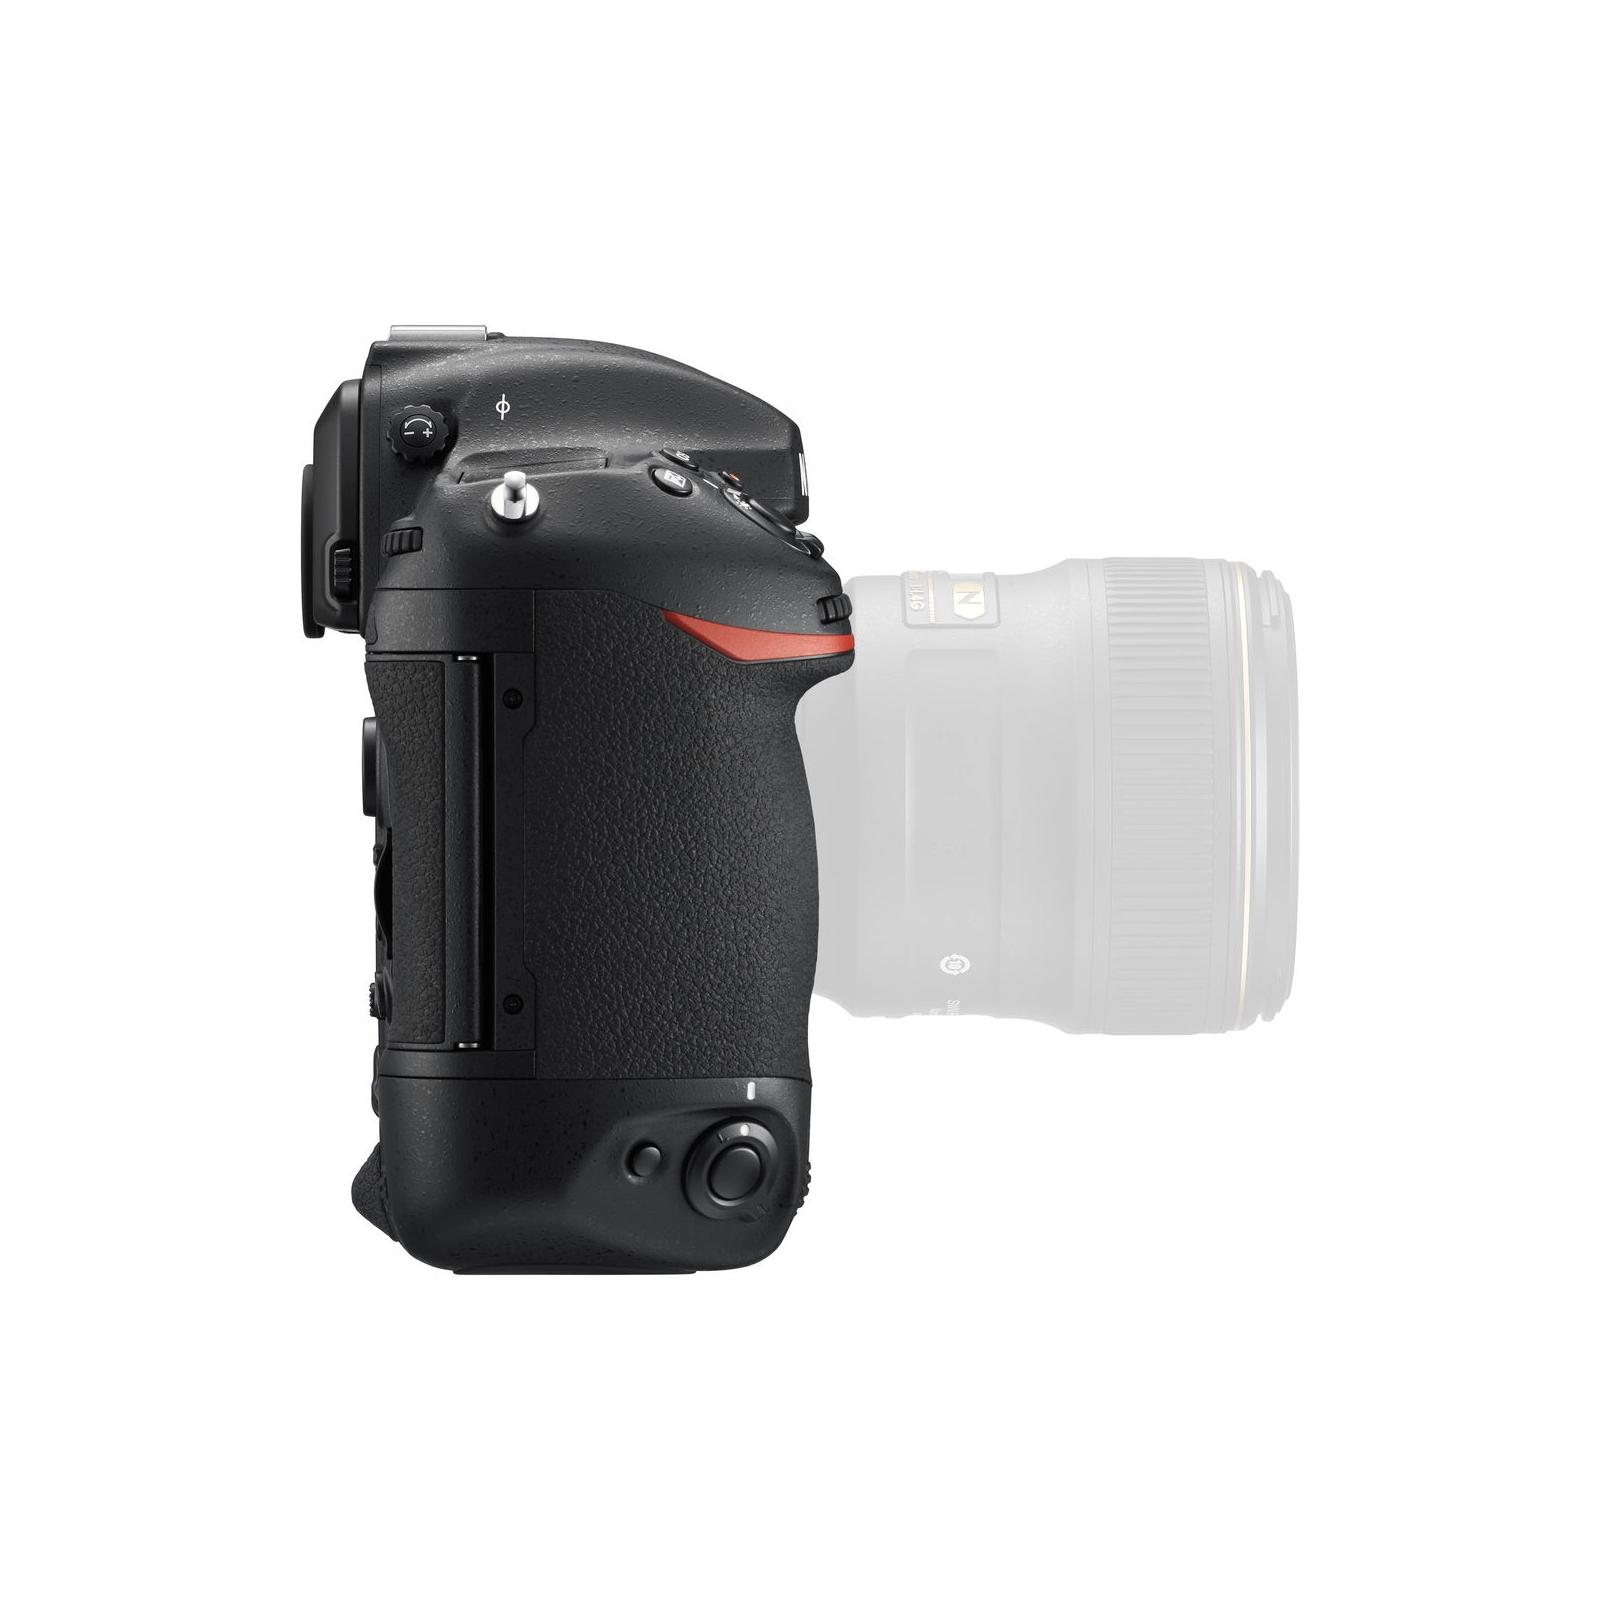 Цифровой фотоаппарат Nikon D5 body (VBA460BE) изображение 4